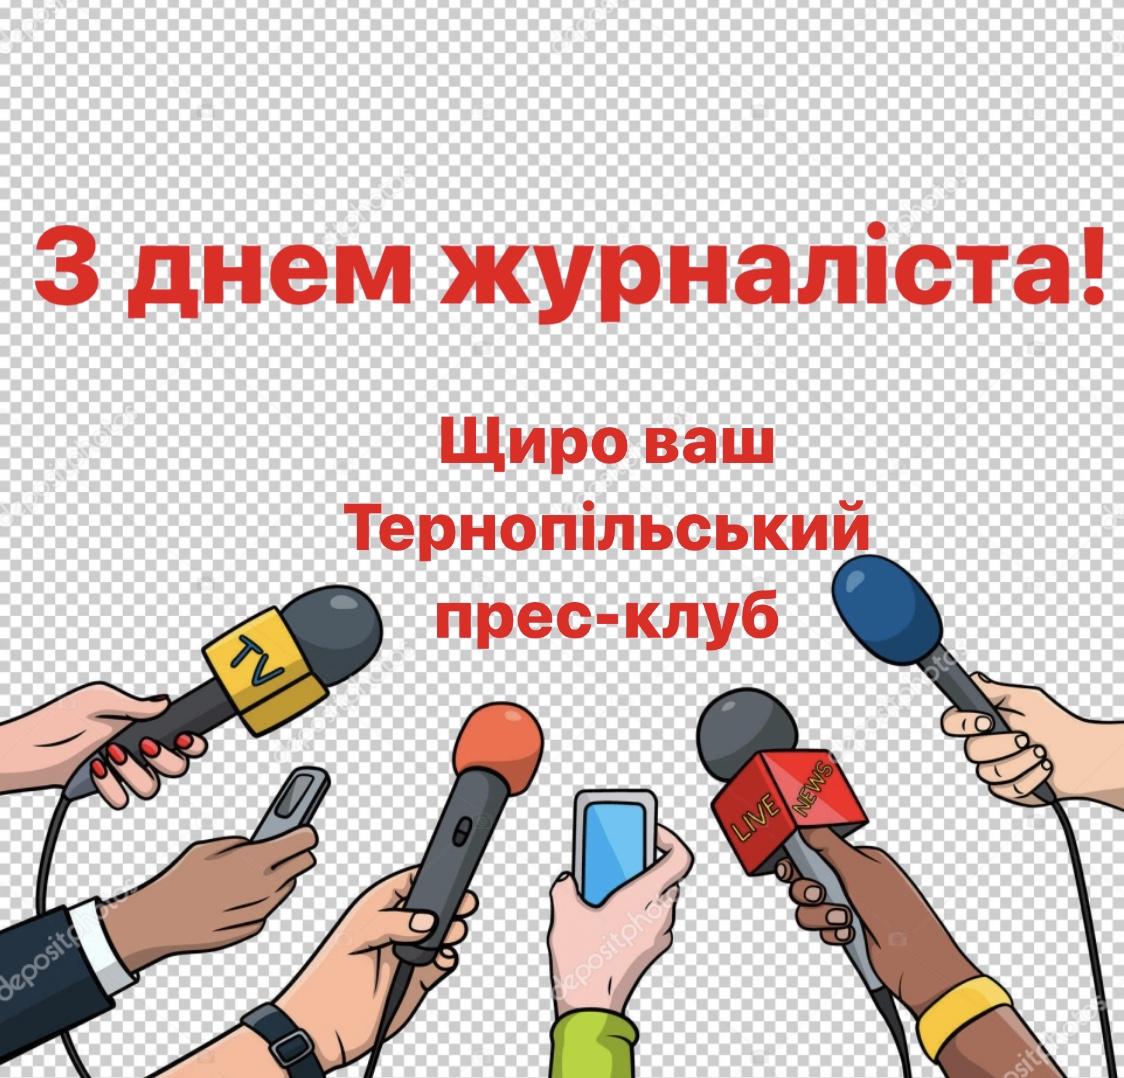 З днем журналіста!